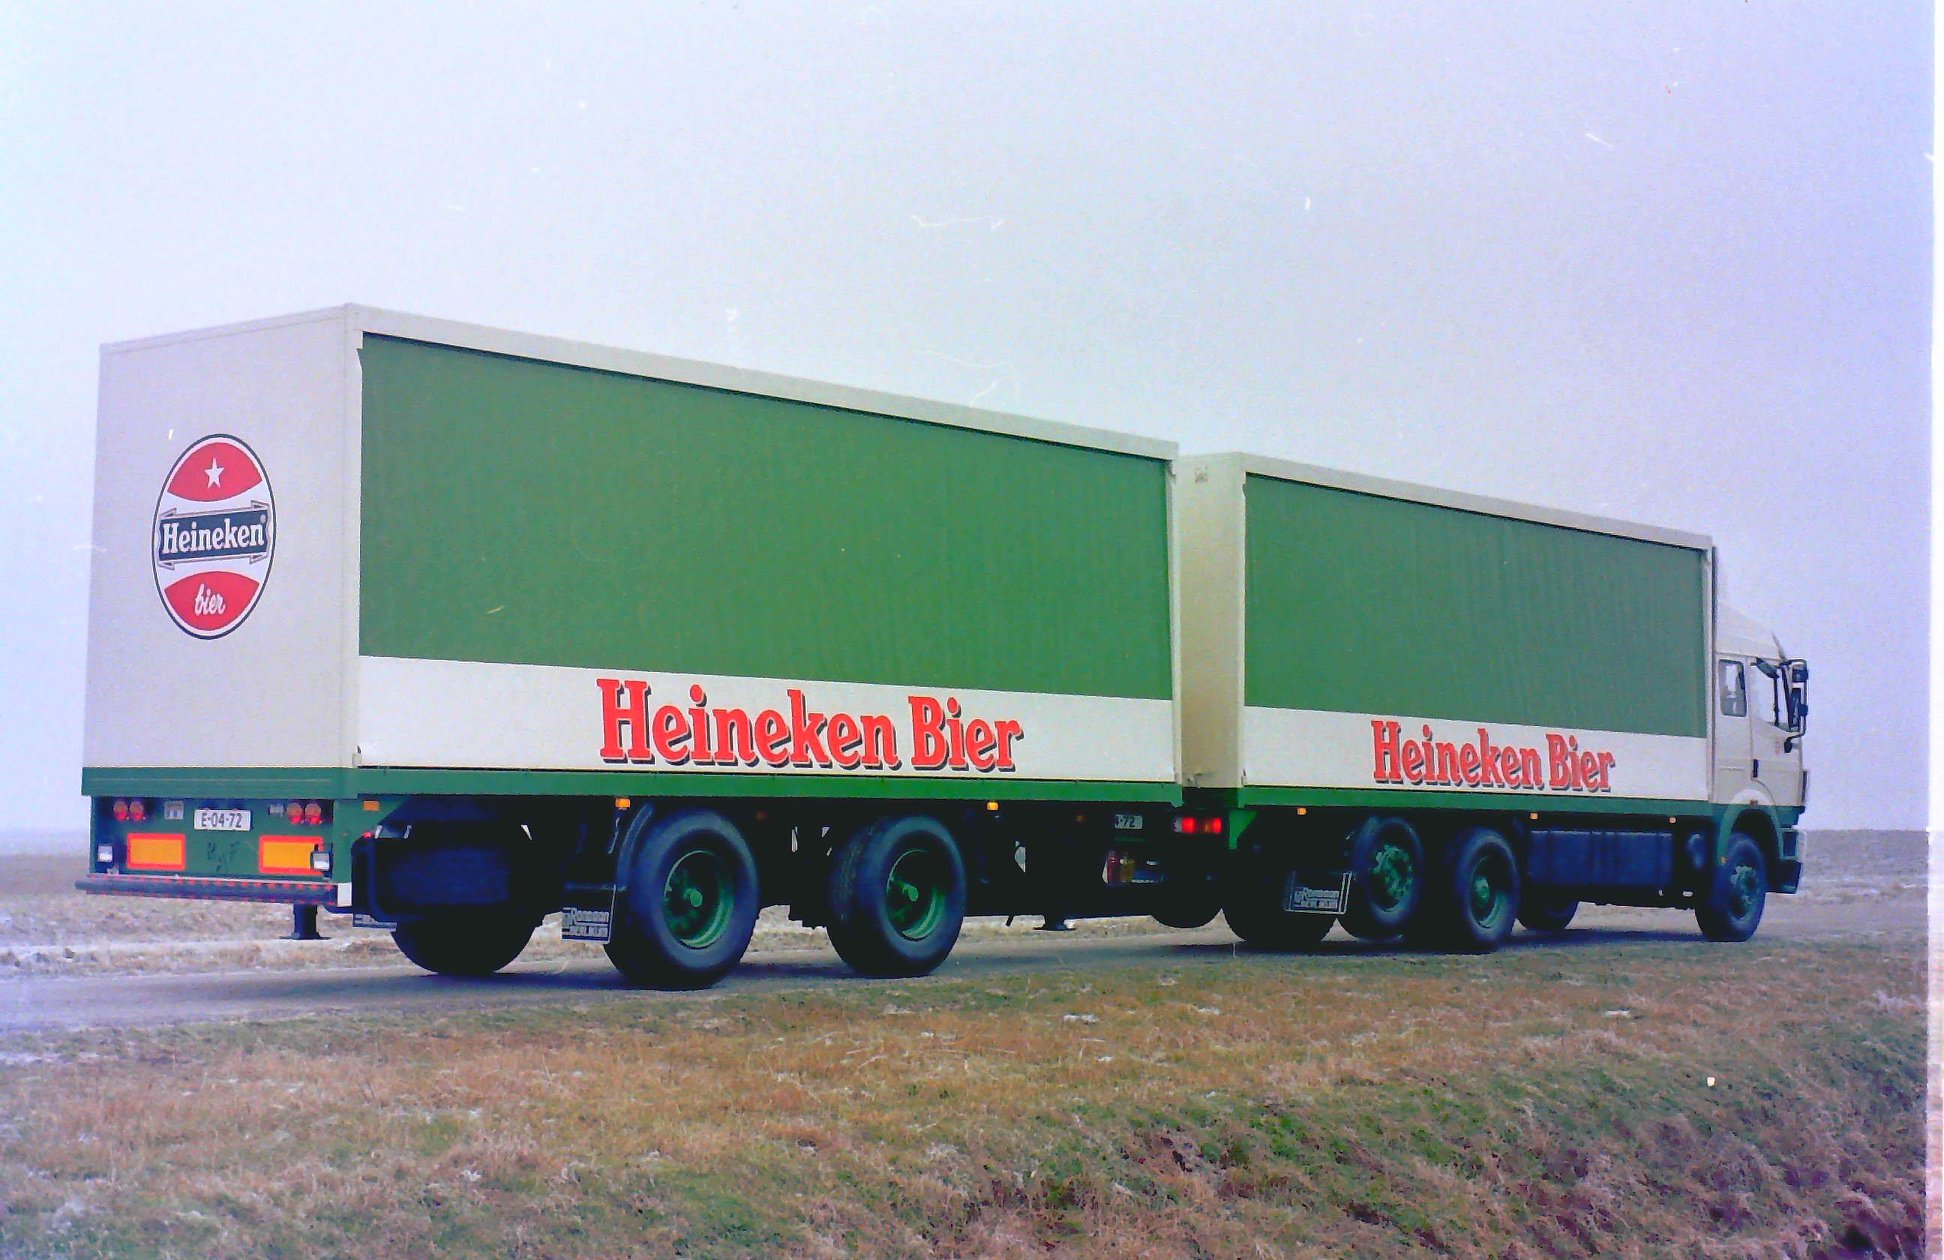 Rondaan-Carr--Deze-Mercedes-met-rolkleden-opbouw-en-een-RAF-middenas-aanhangwagen-ook-met-een-rolkleden-opbouw-rijdend-voor-Heineken-Bier-2